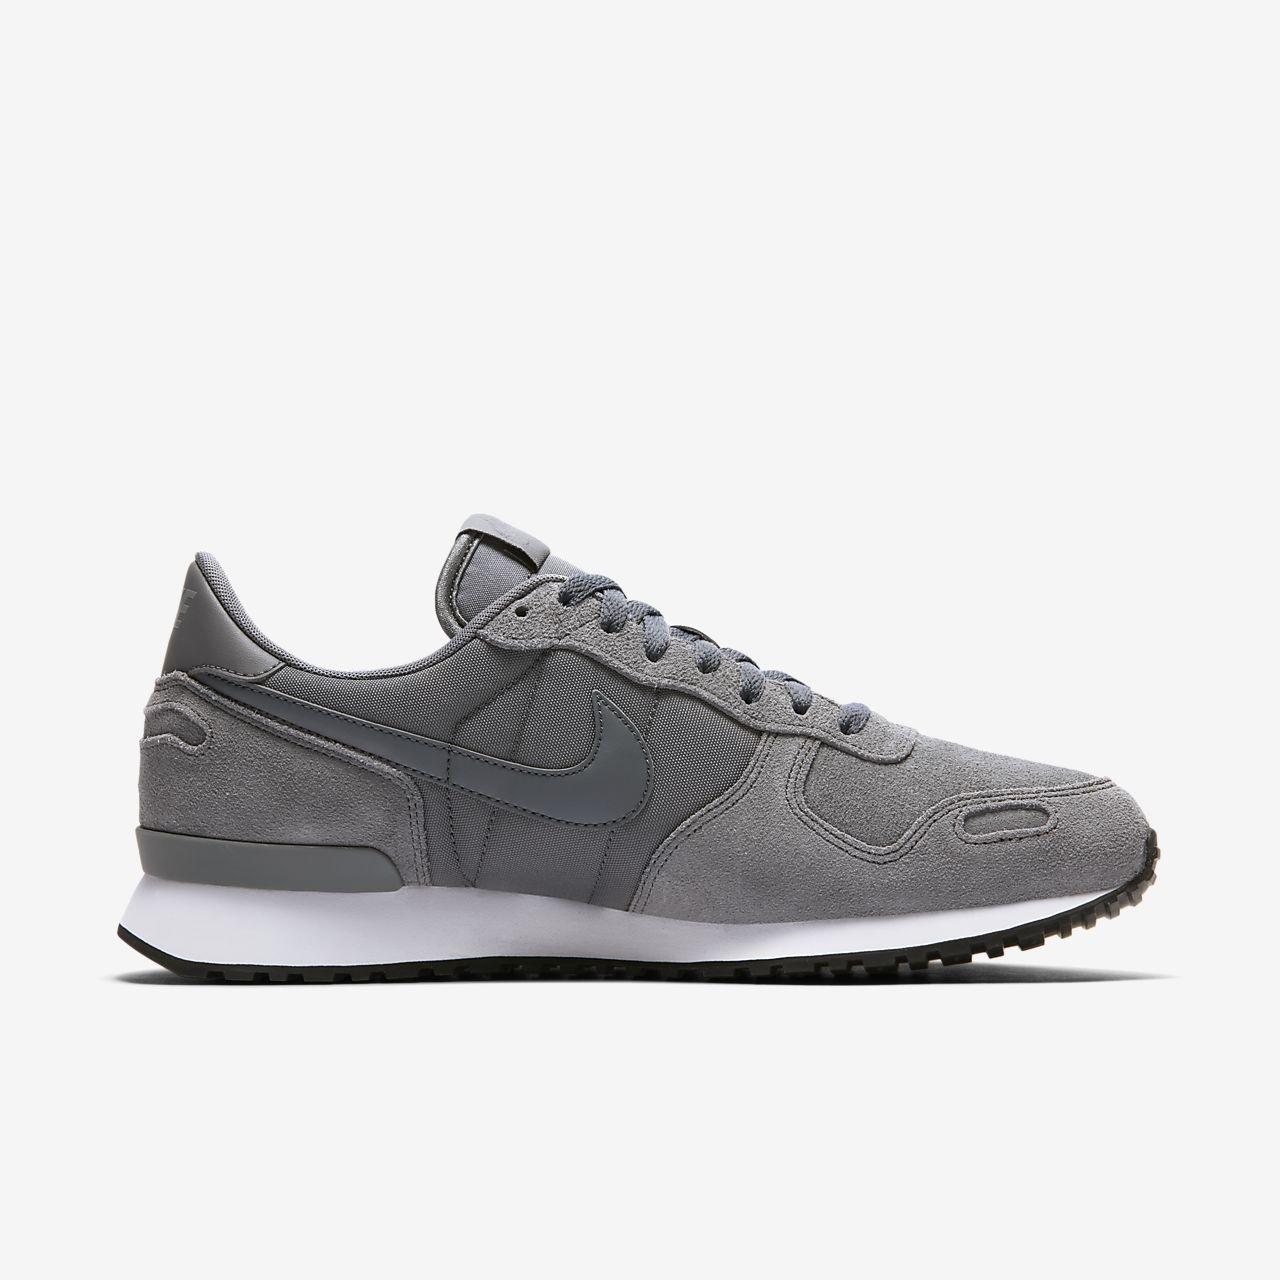 new arrival 3e7b3 e77df ... Chaussure Nike Air Vortex pour Homme